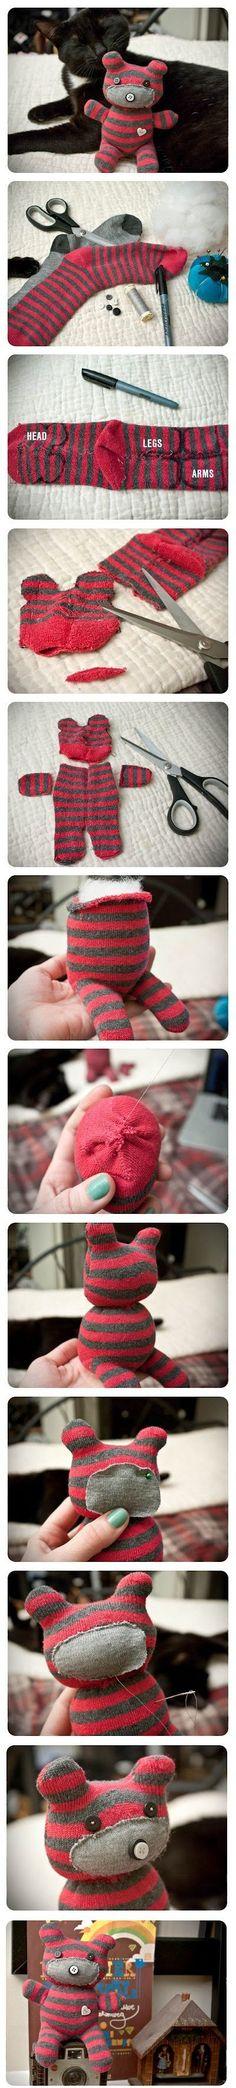 DIY récup - Créer un doudou chat avec une vieille chaussette